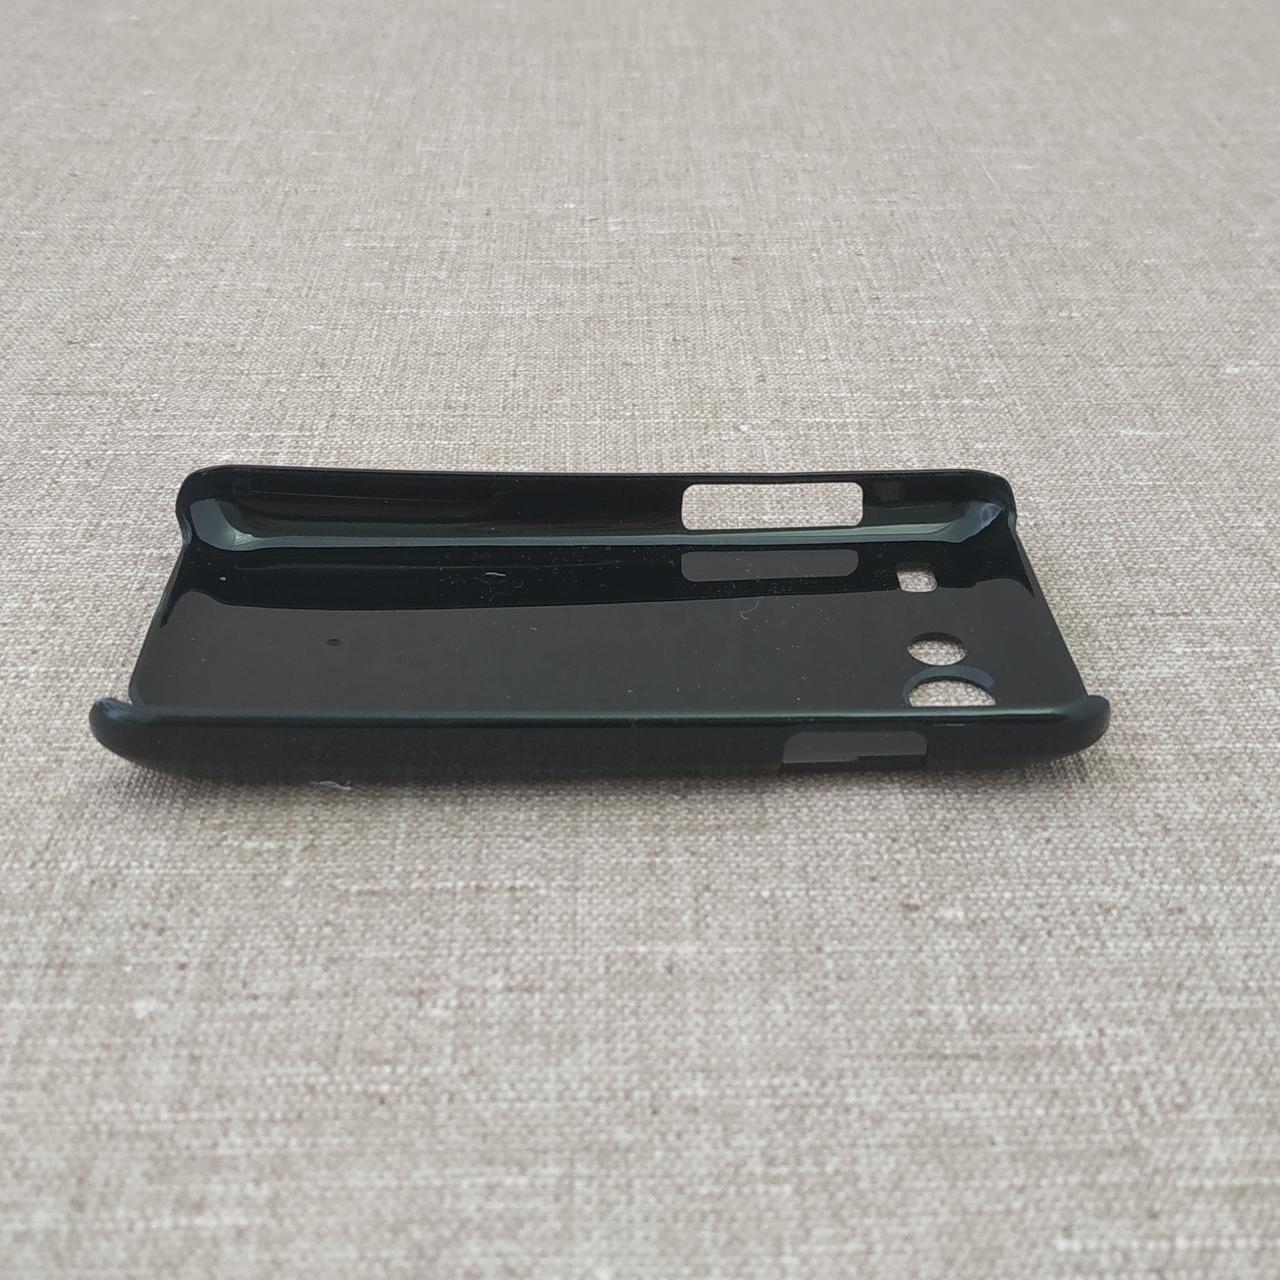 Накладка ROCK Color-ful Samsung i9070 Advance black Galaxy S (i9070) Для телефона